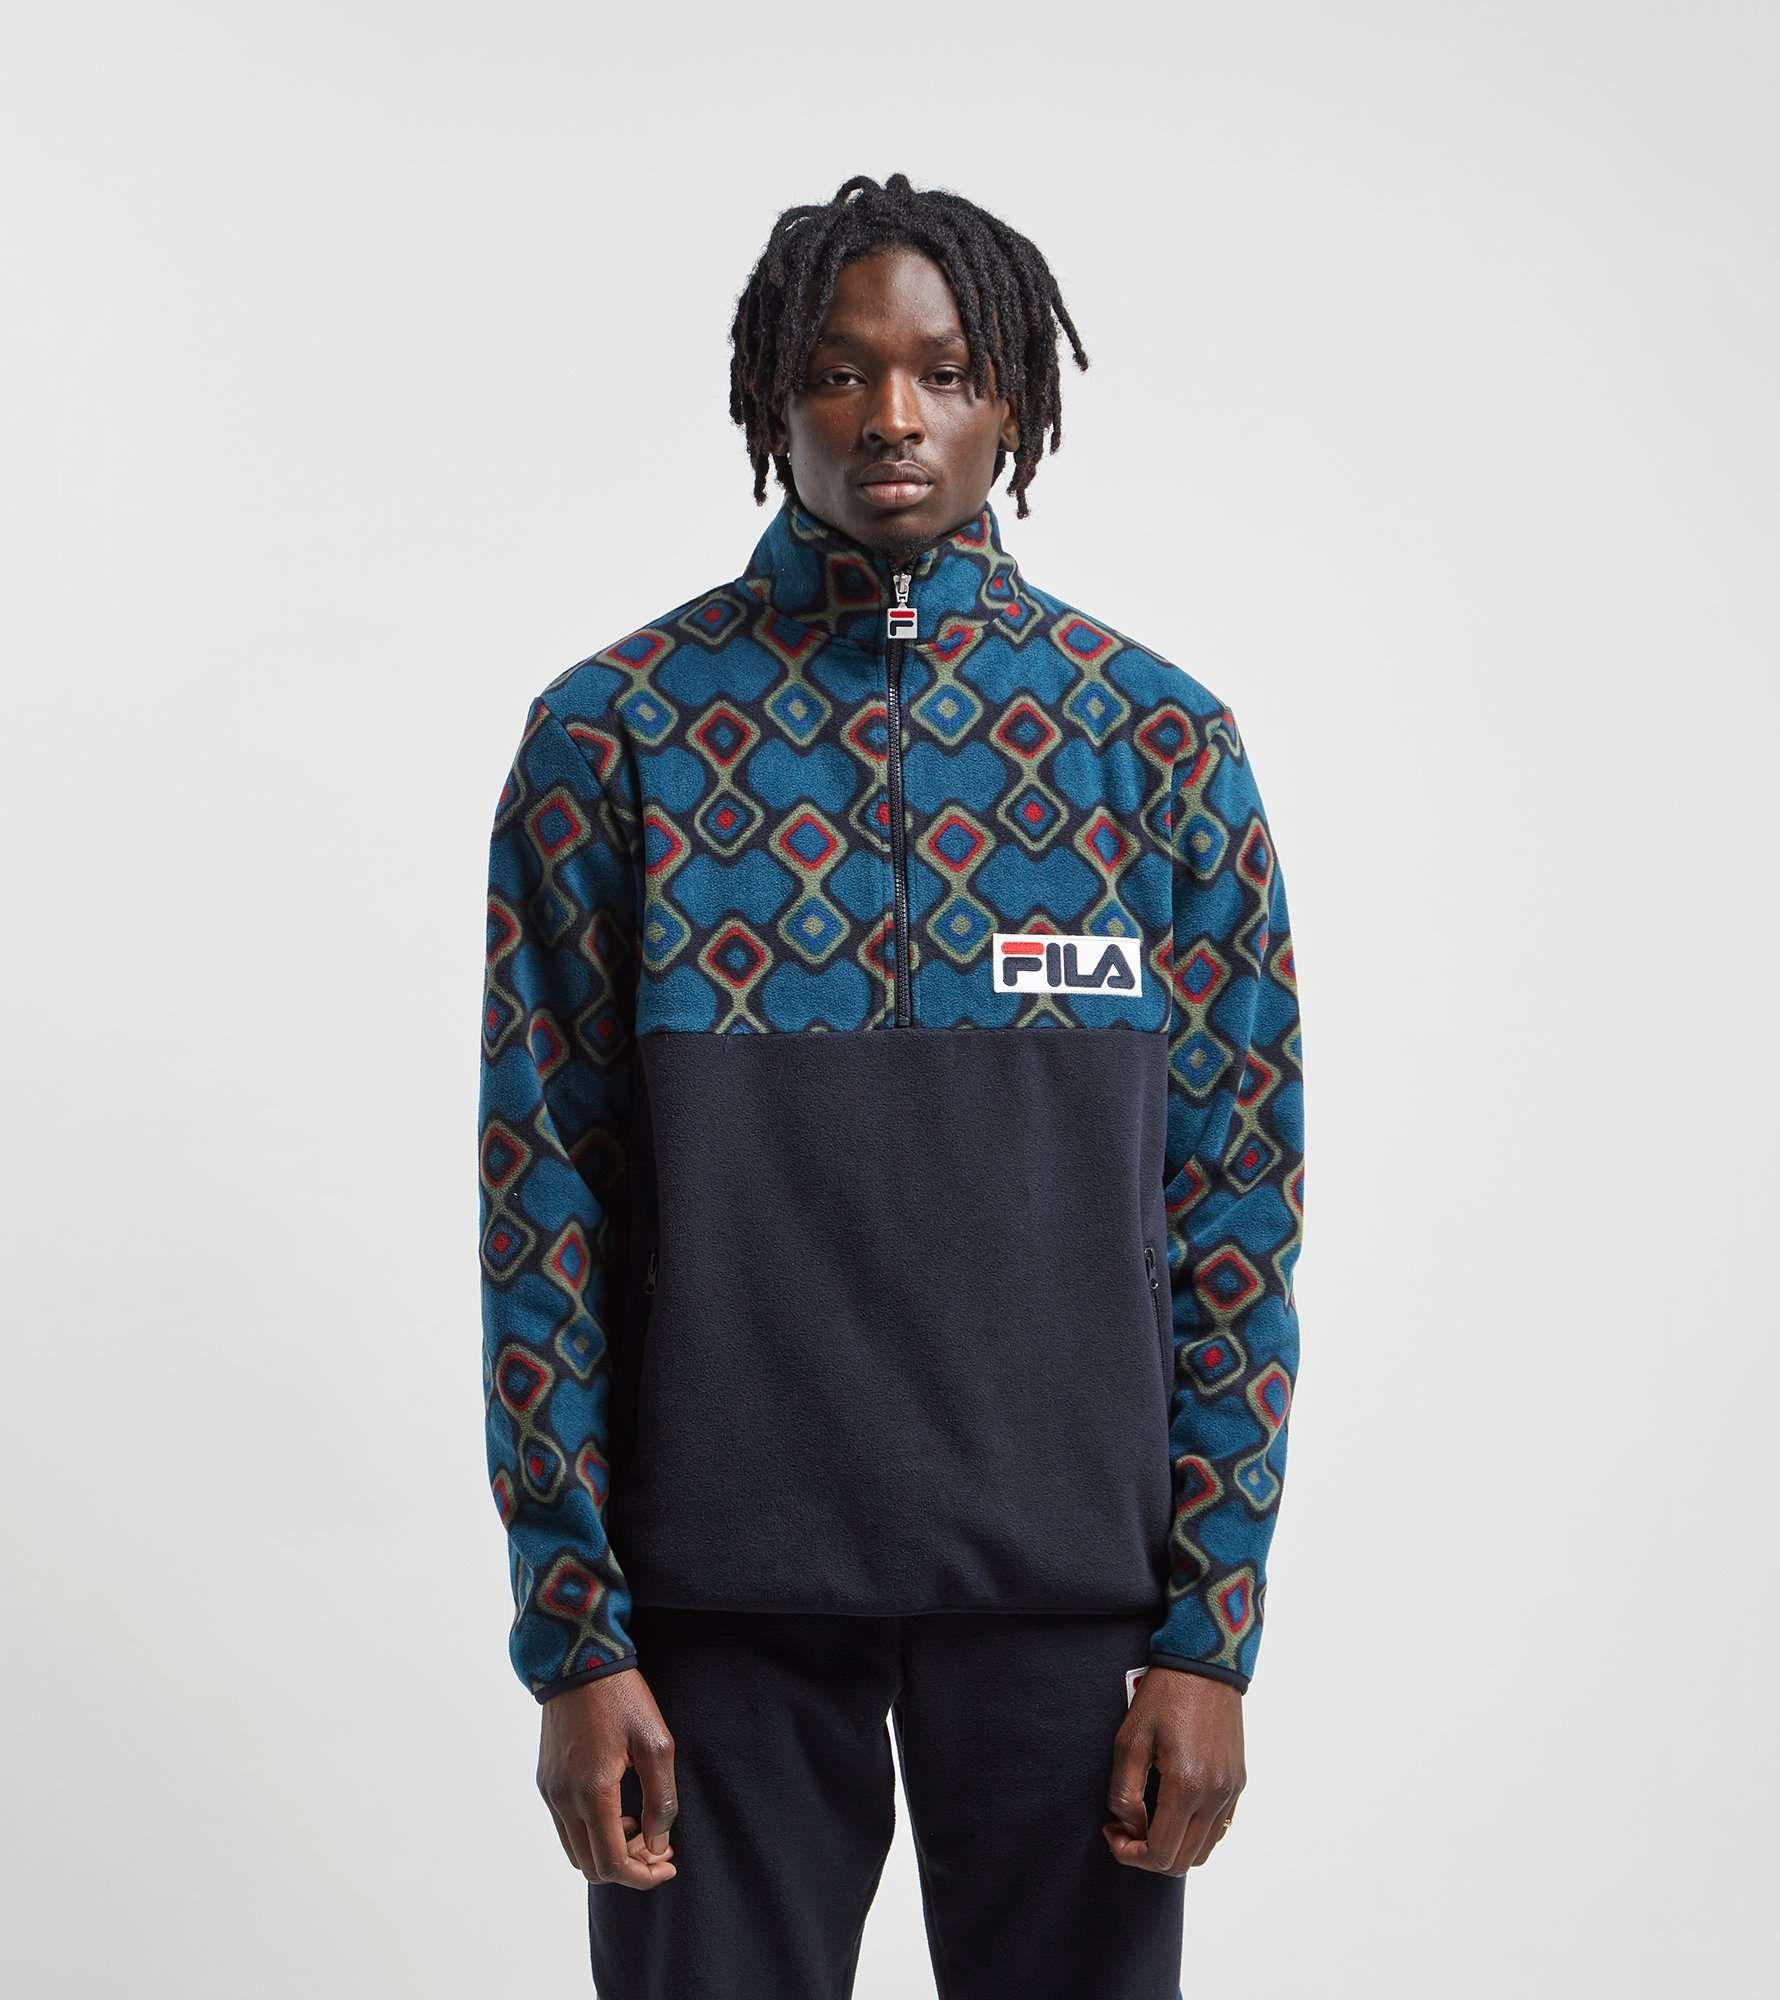 Fila Makalu Half Zip Fleece in 2019 | Half zip pullover